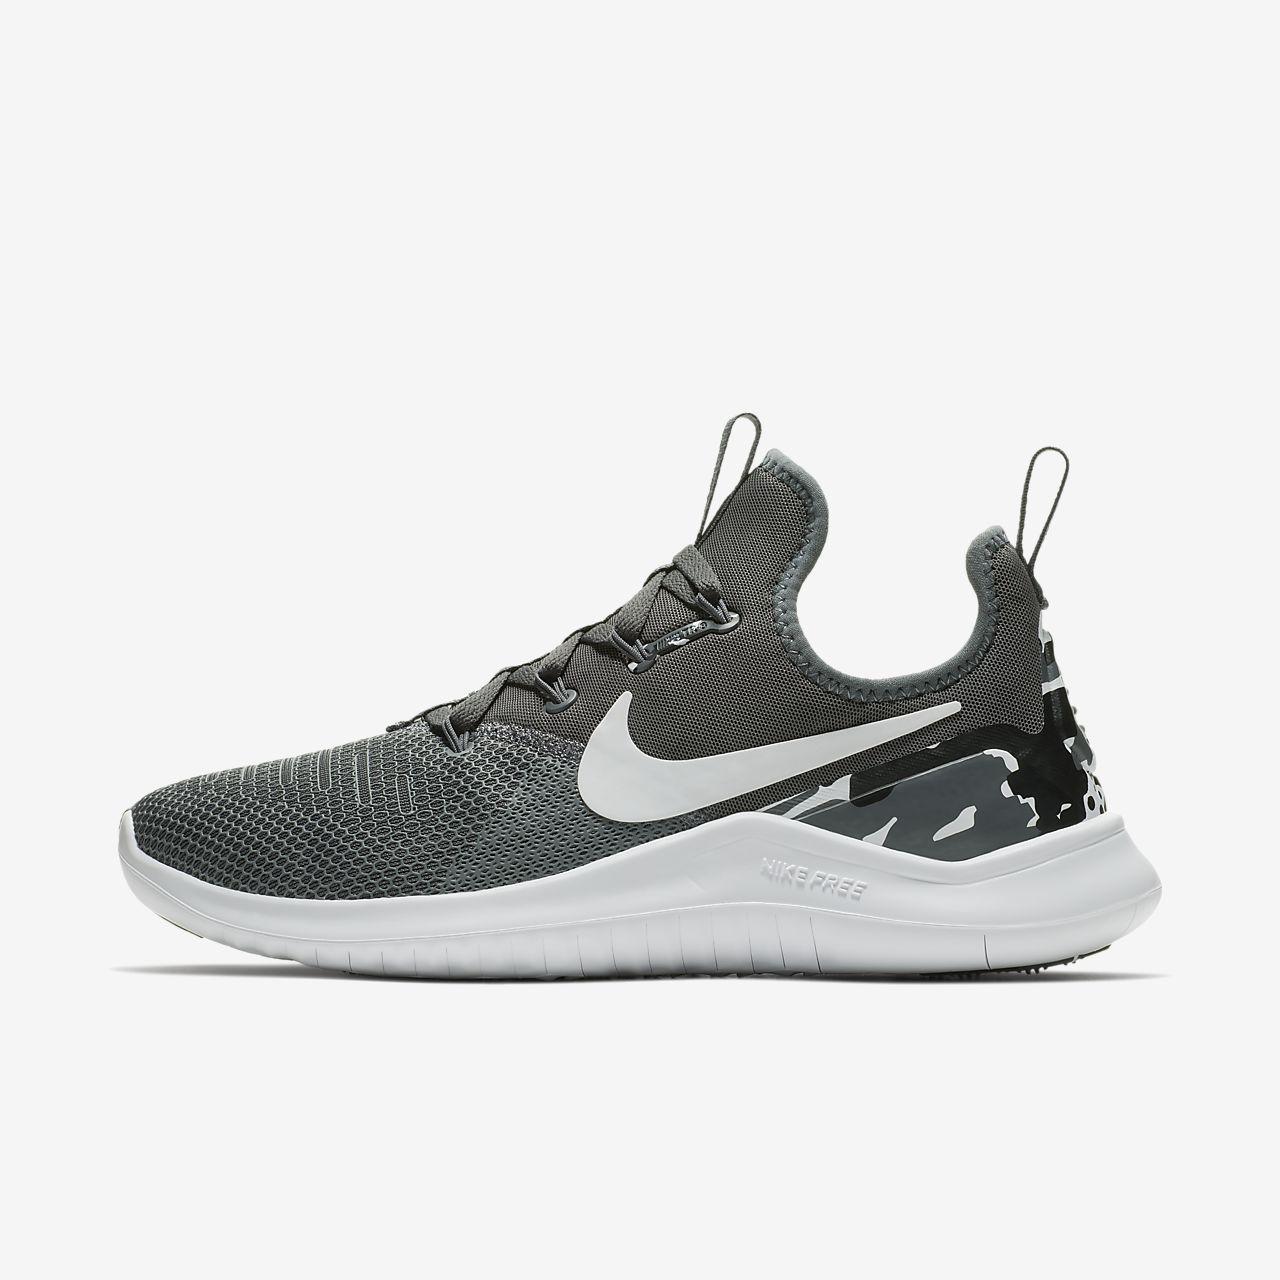 Nike Hommes De Tr8 Gratuit Livraison gratuite abordable JbwR3aH